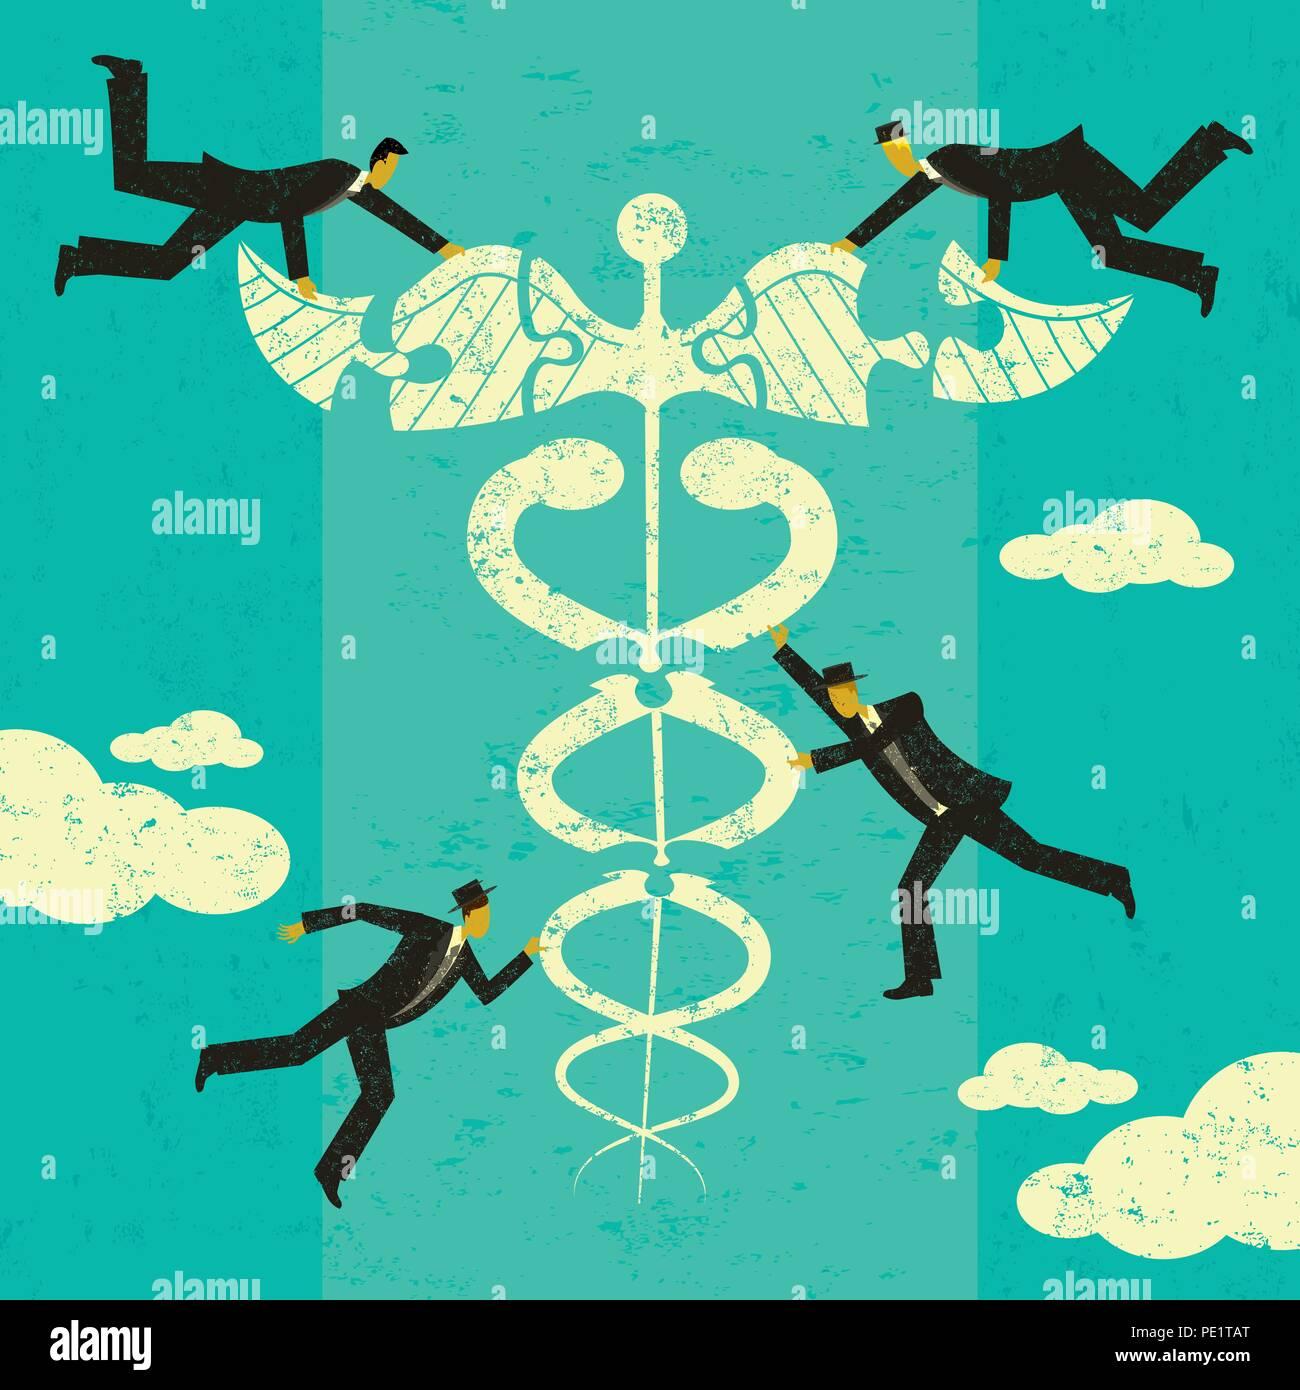 Lösungen für das Gesundheitswesen. Eine Gruppe von Männern die Puzzleteile zusammen, um Lösungen für das Gesundheitswesen finden. Stock Vektor